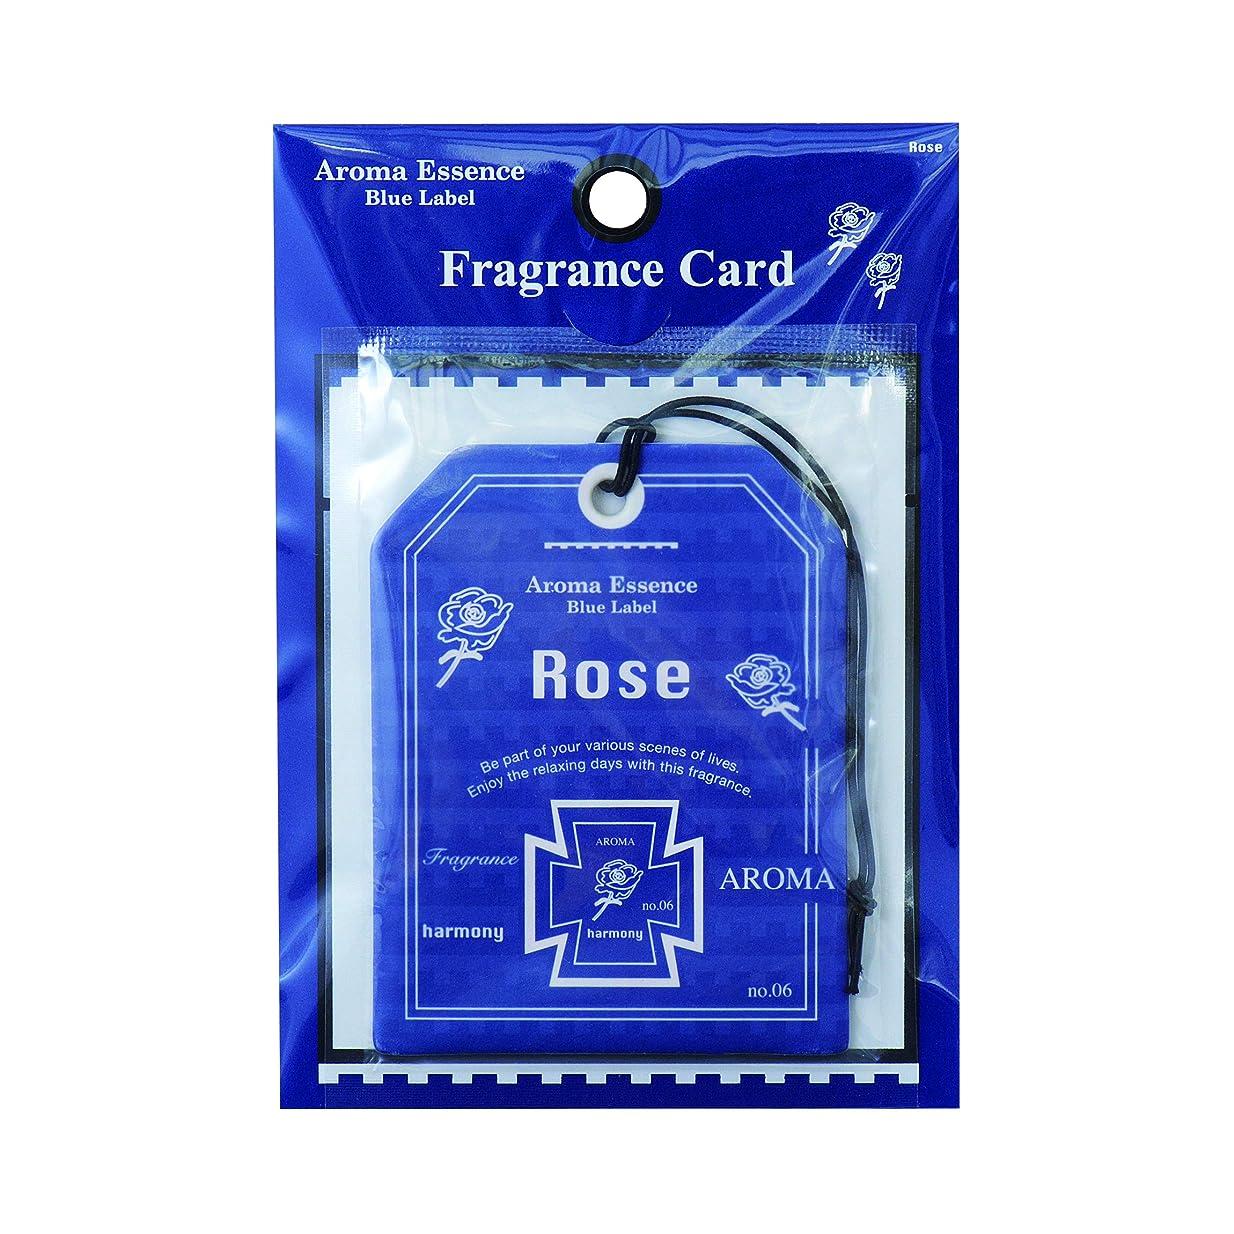 極めて取得予約ブルーラベル フレグランスカード ローズ(エアフレッシュナー 芳香剤 幸せな気持ちになる華やかな香り)